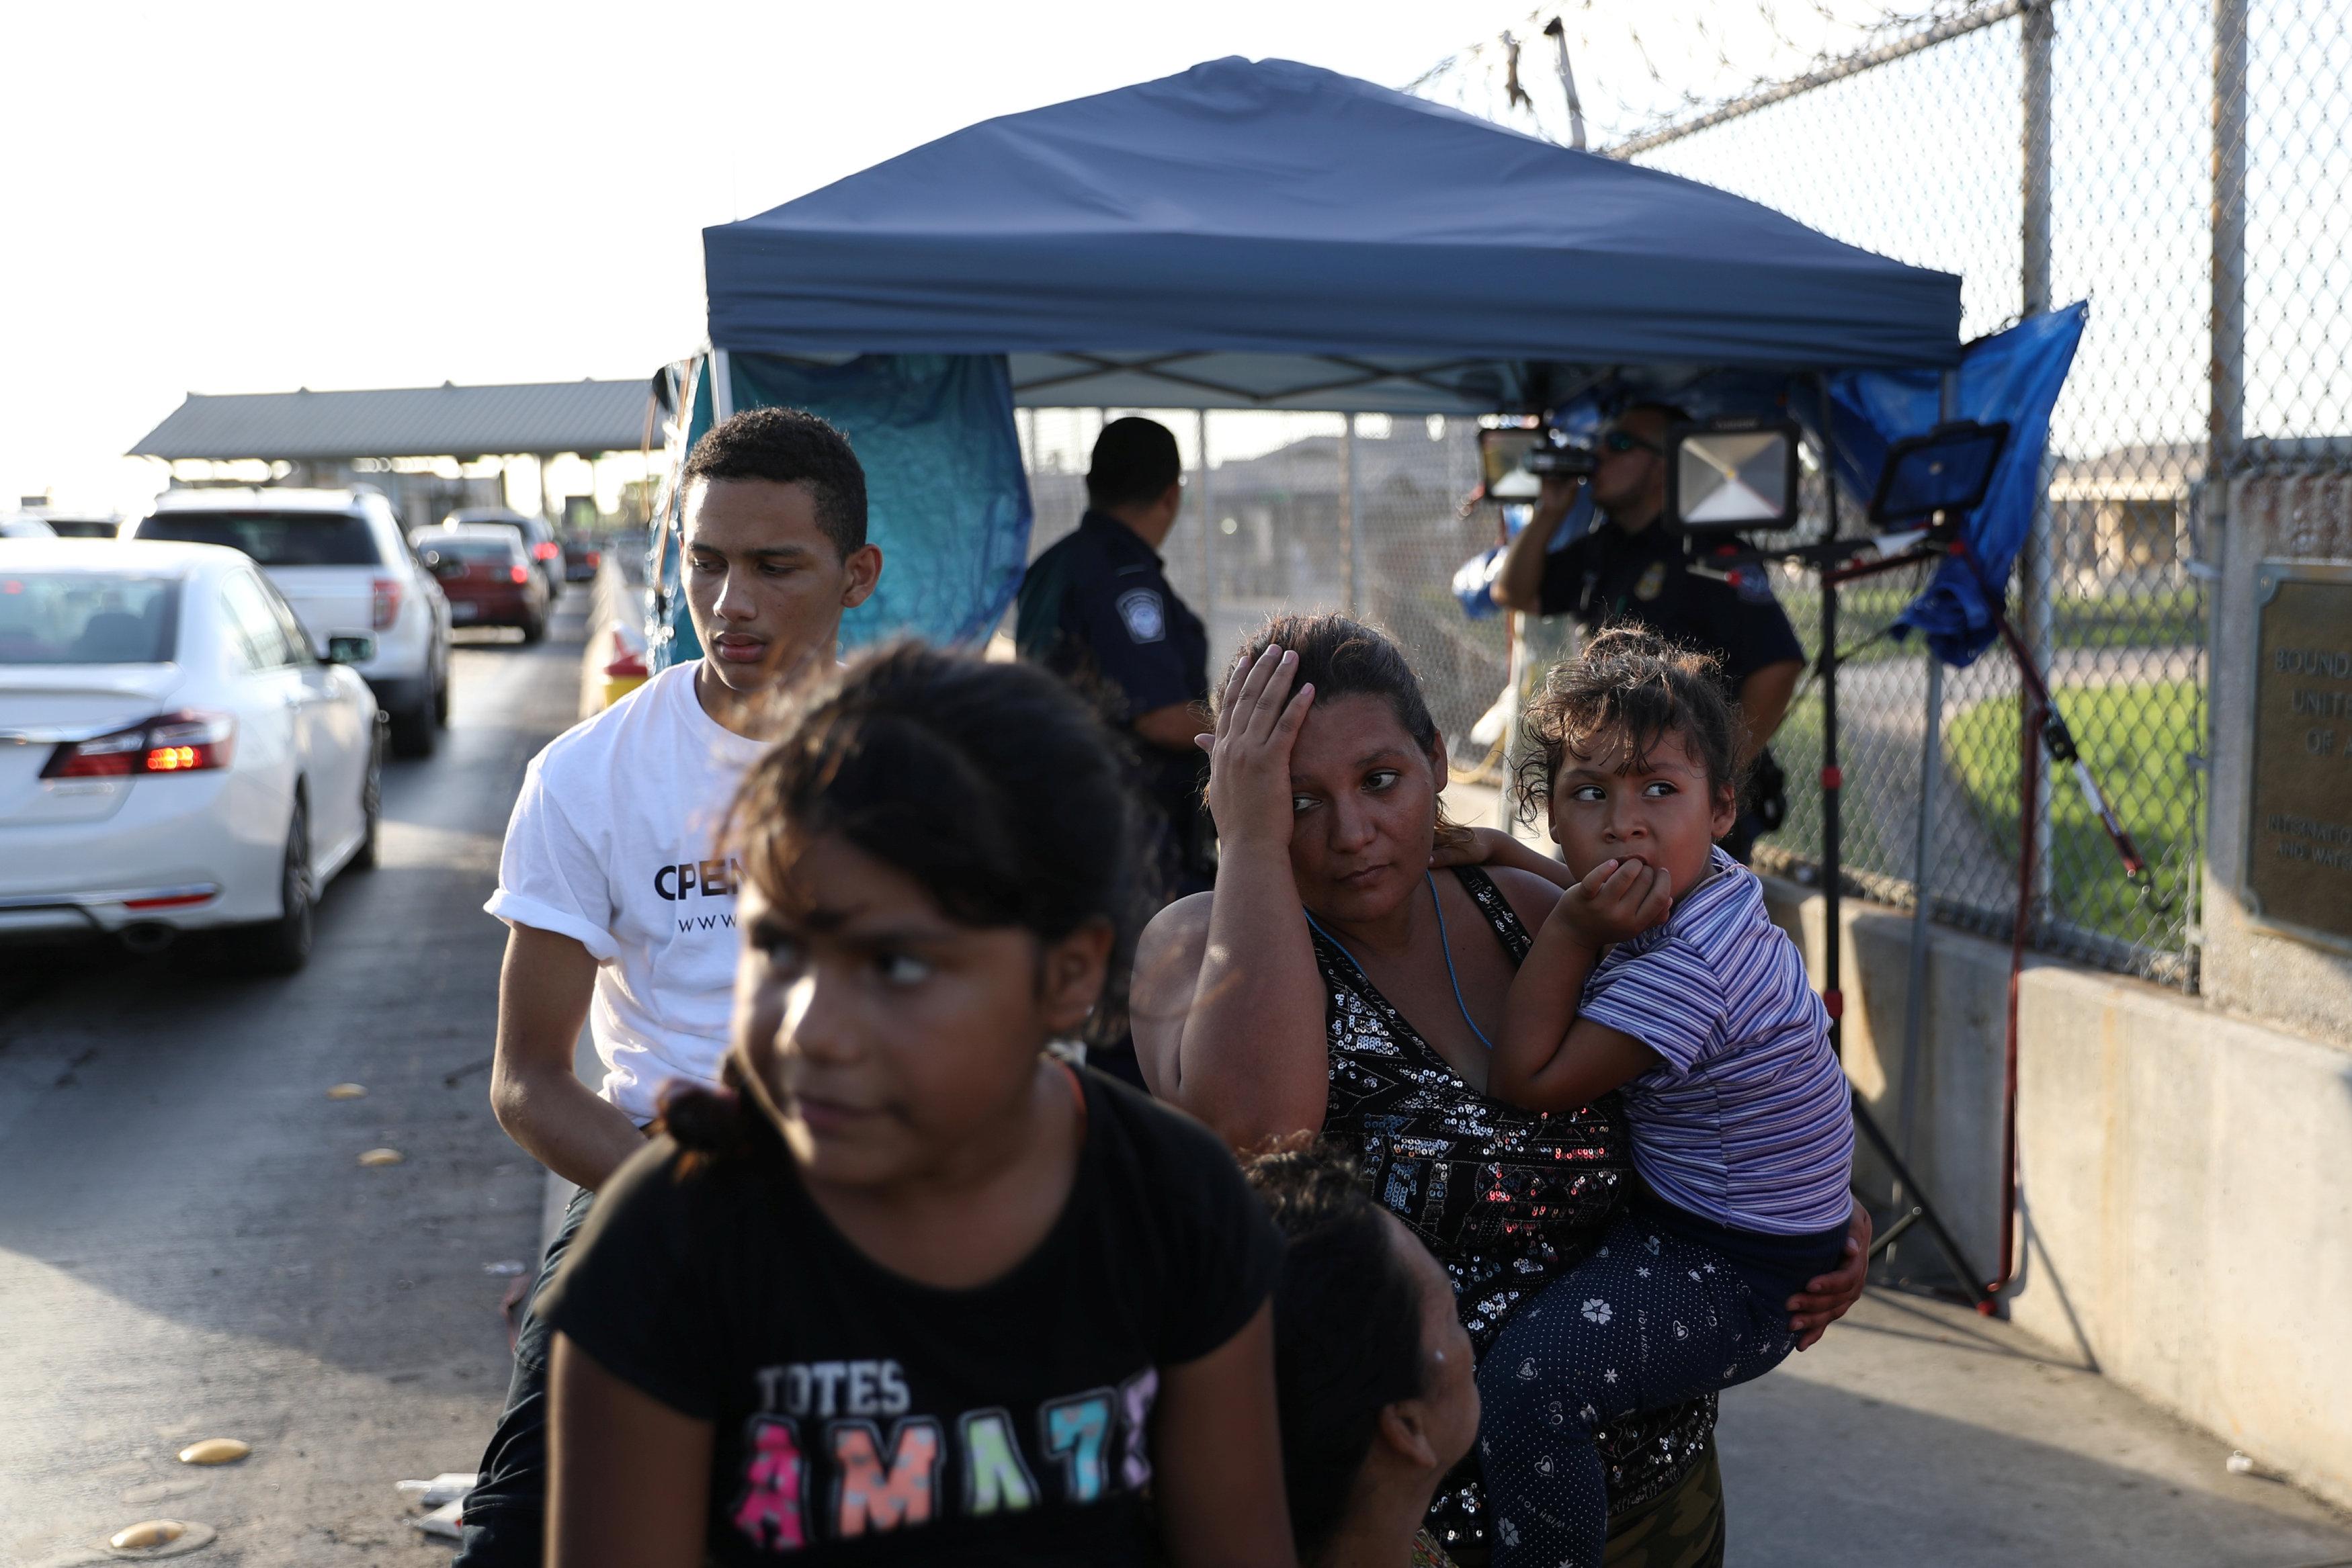 一個宏都拉斯家庭向美國申請庇護被拒後,失望的走回墨西哥。(路透)